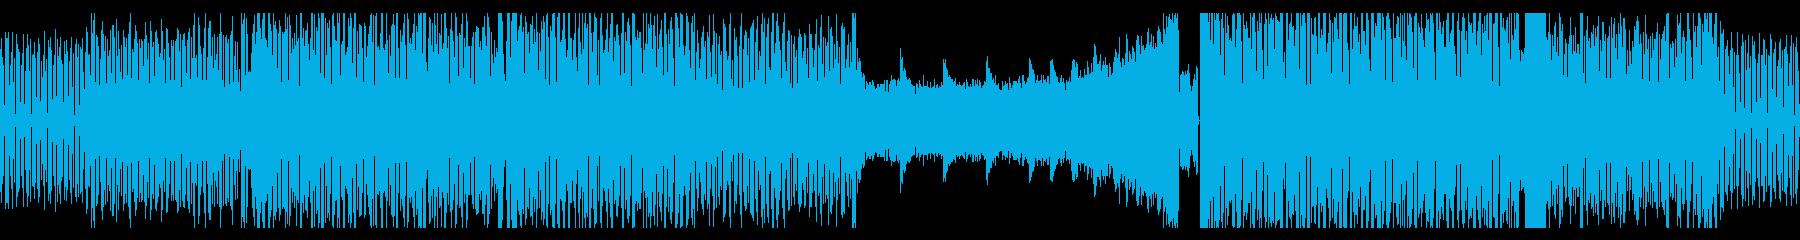 かっこよくてノれる四つ打ち曲(ループ)の再生済みの波形